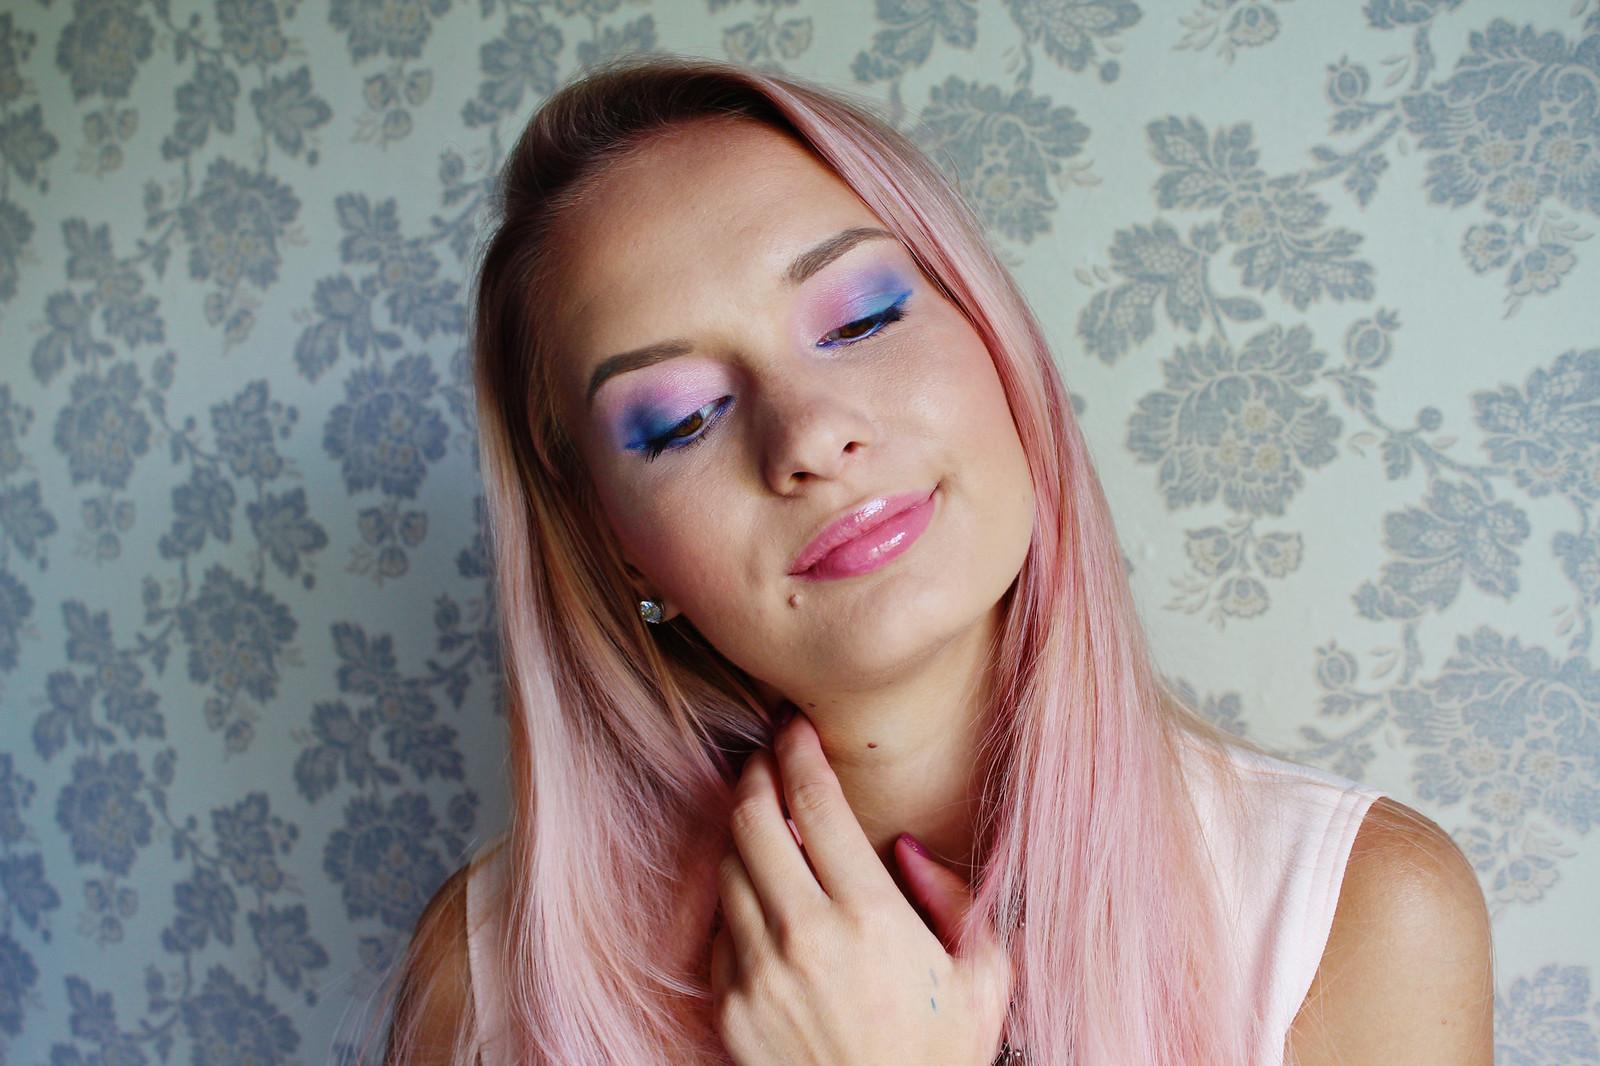 Pastel colour makeup